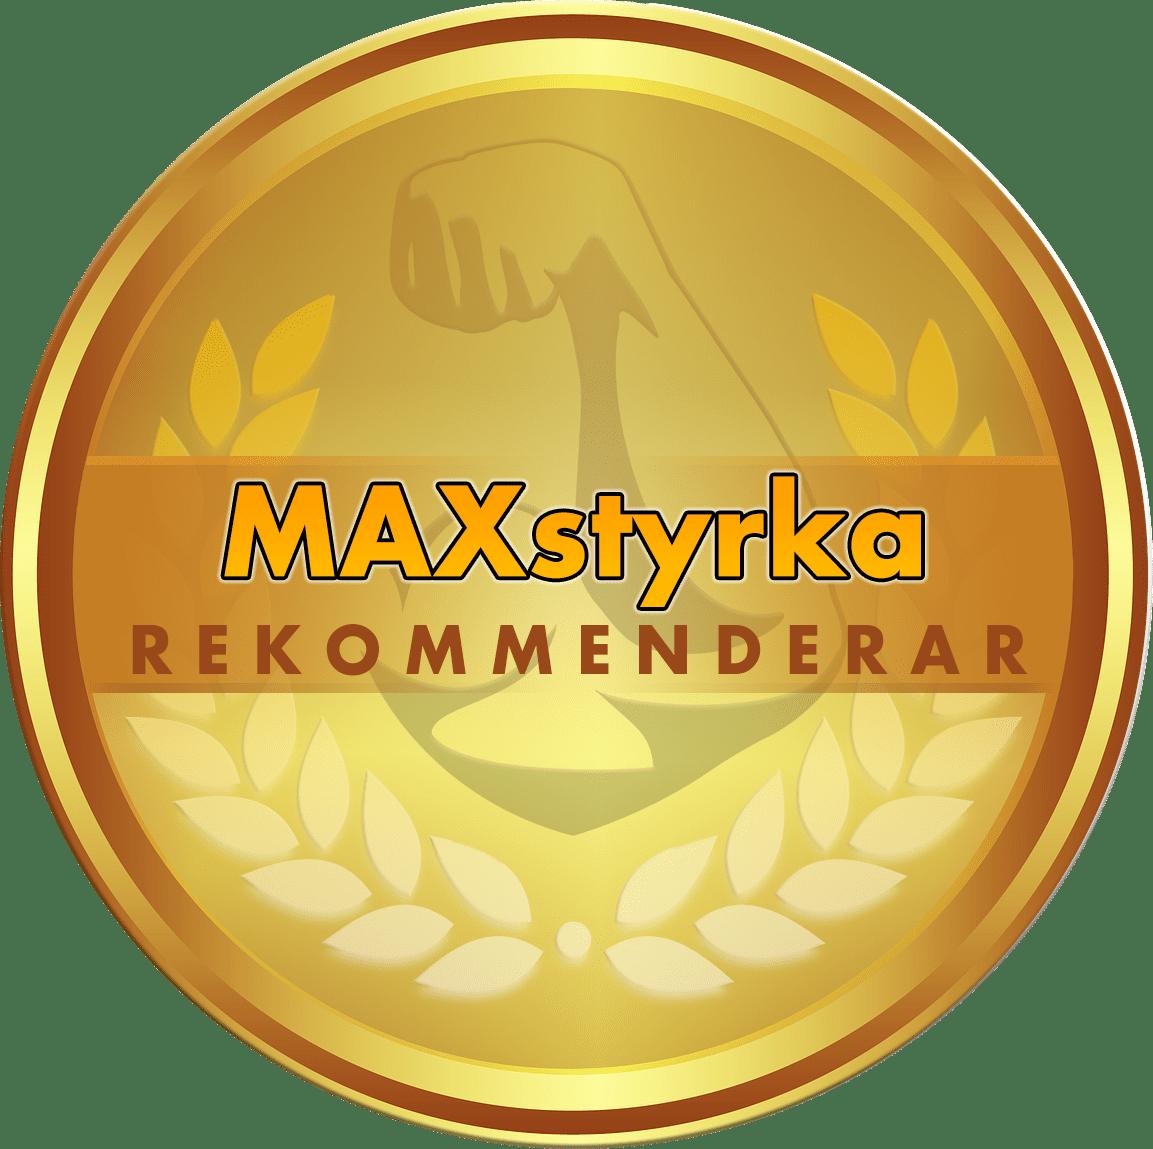 NERO-TX rekommenderas av MAXstyrka